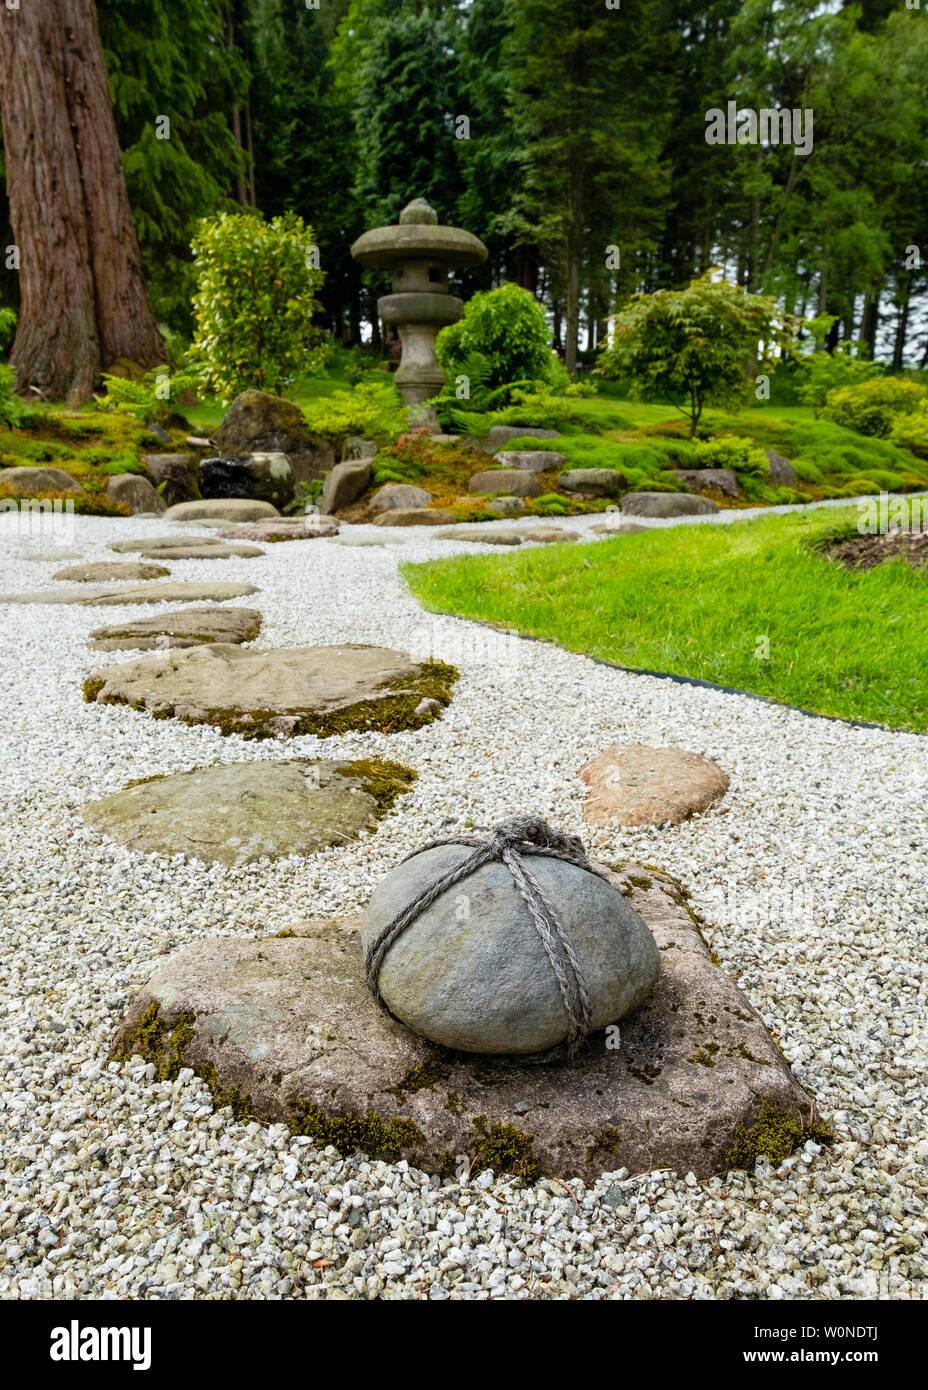 https www alamyimages fr vue sur le jardin sec au nouveau jardin japonais a cowden en dollar clackmannanshire ecosse royaume uni image258627394 html